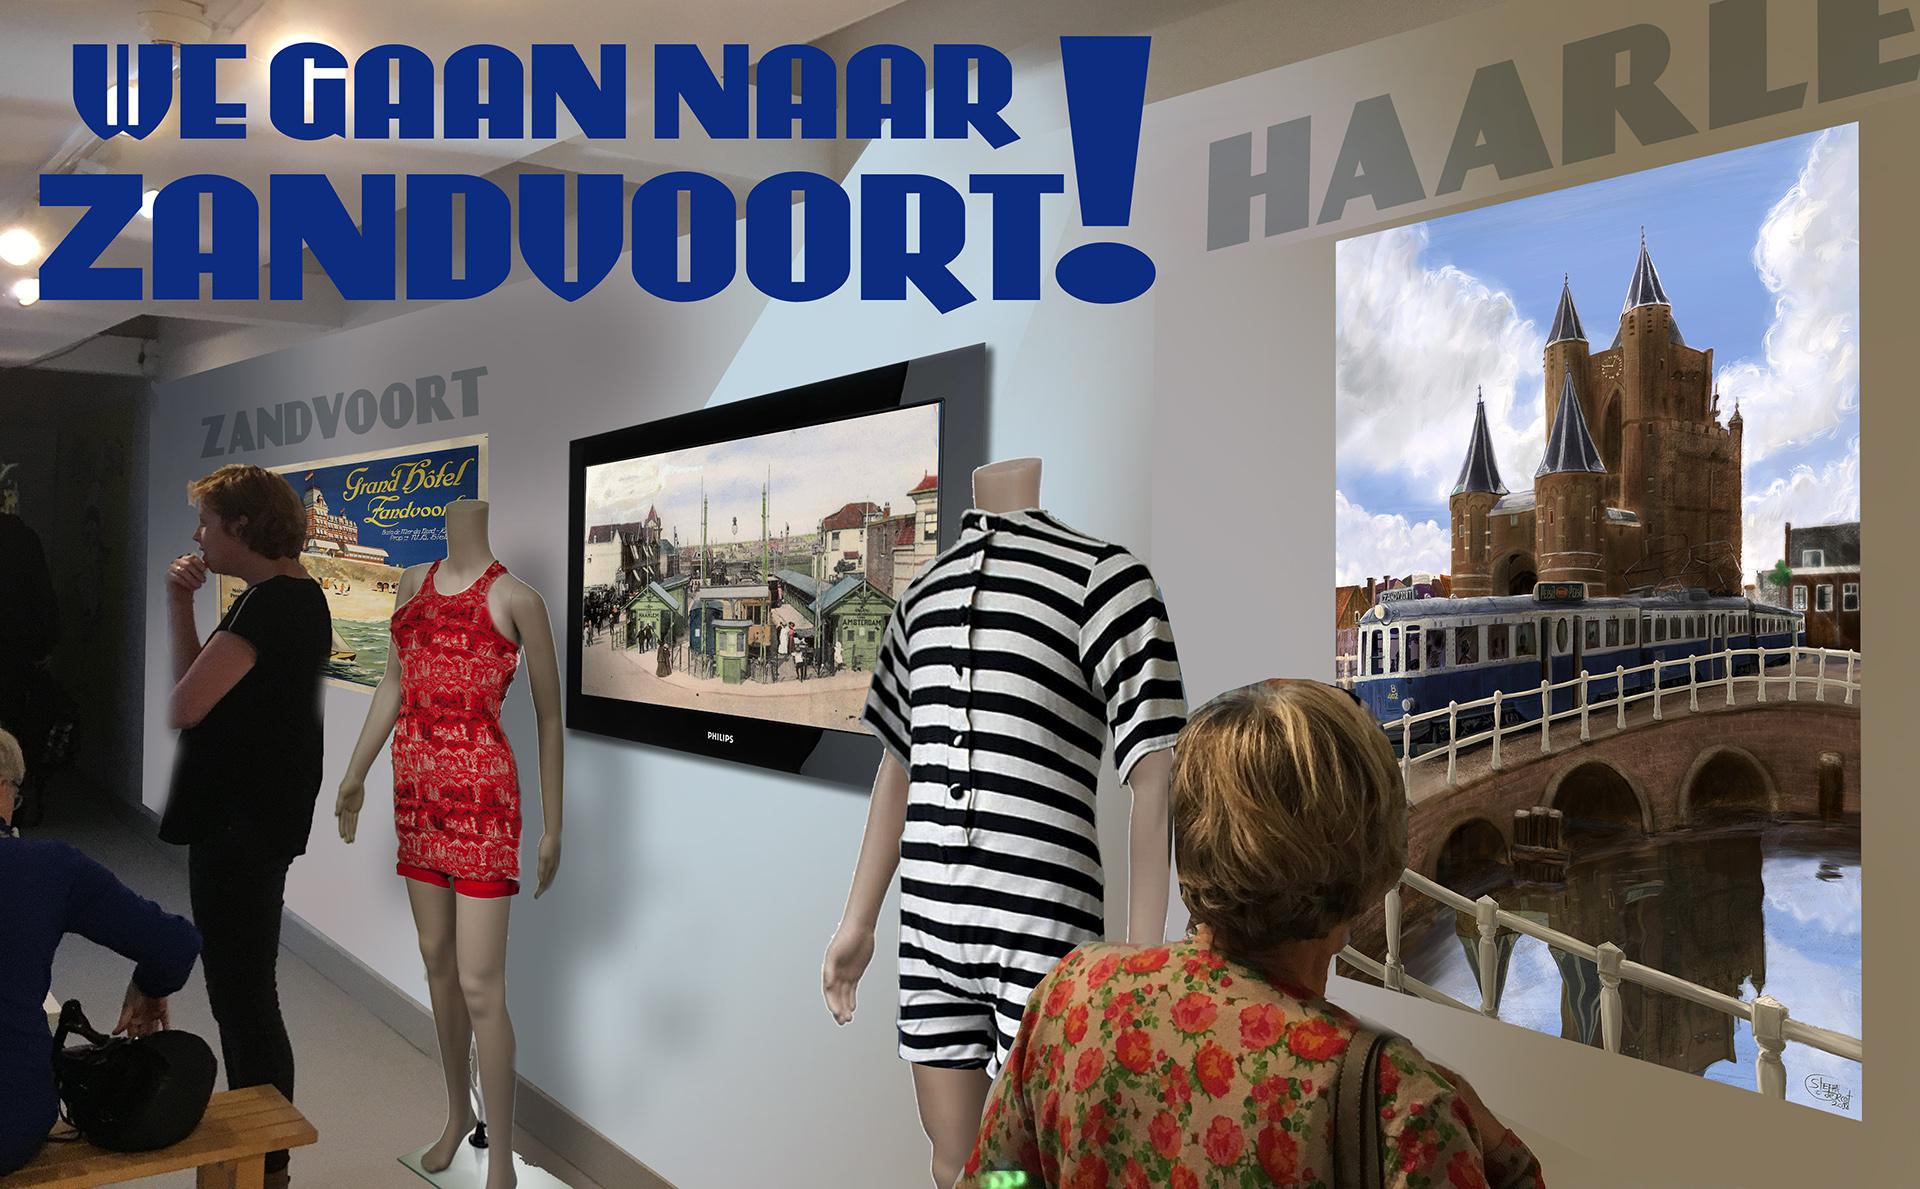 We gaan naar Zandvoort expositie Zandvoorts Museum